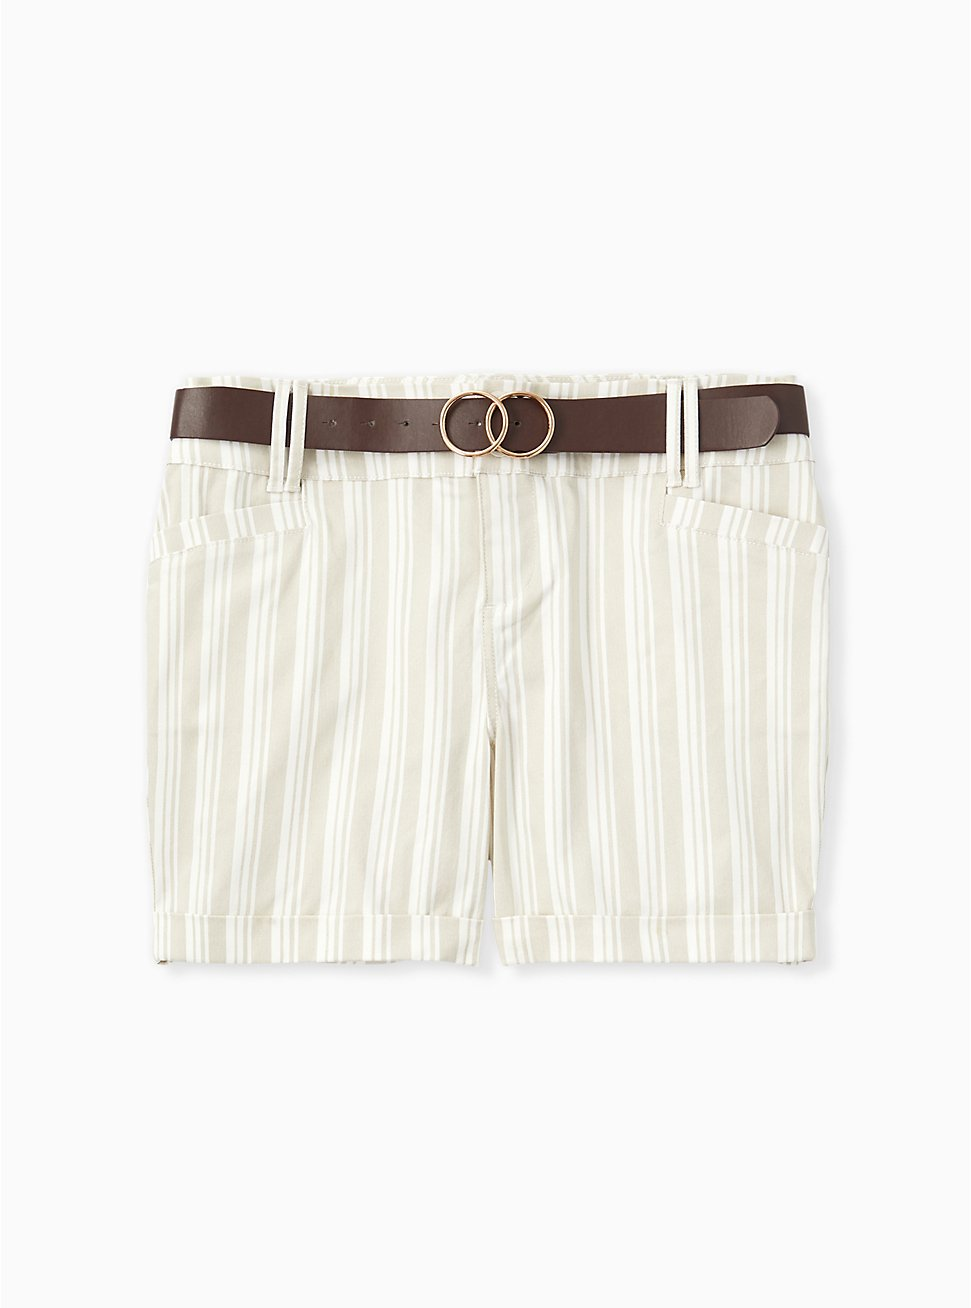 Belted Mid Short - Sateen Stripe Beige, STRIPES, hi-res